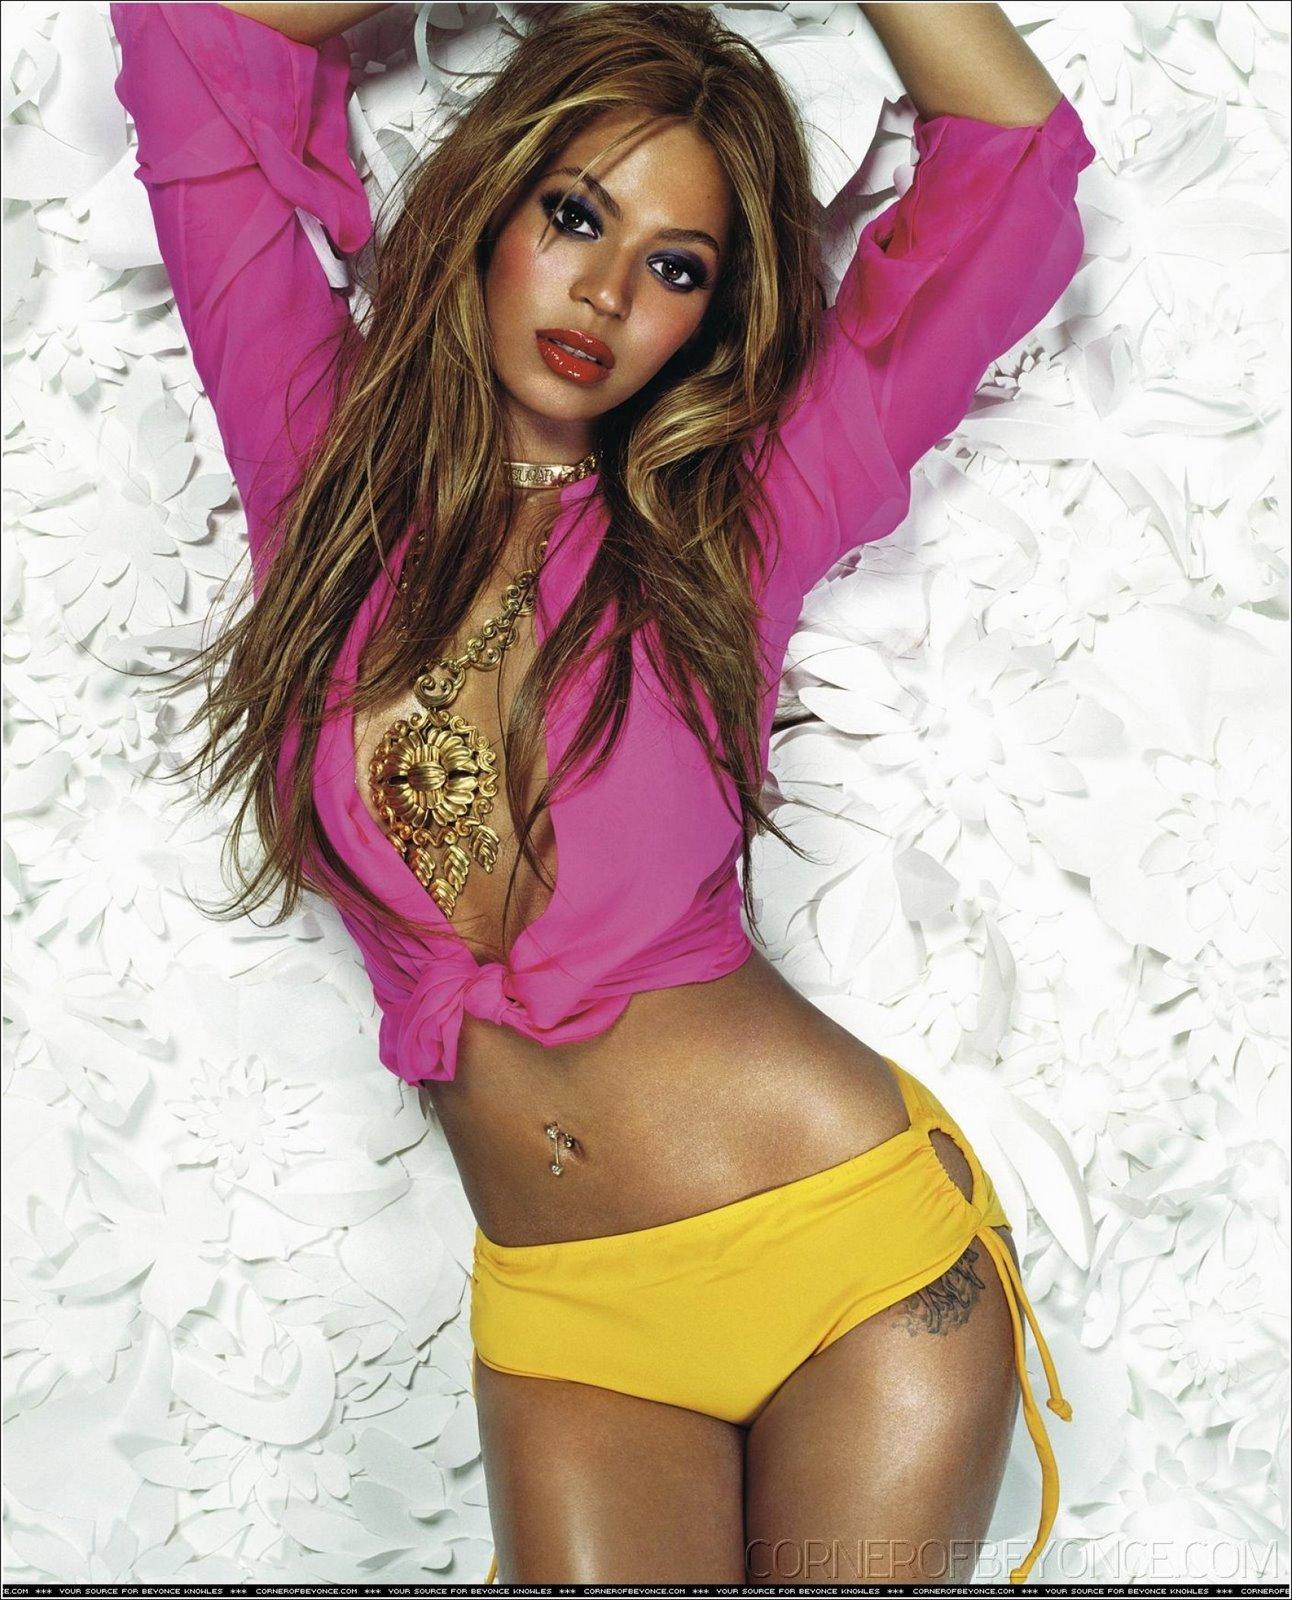 Bikini Beyonce Knowles nude photos 2019